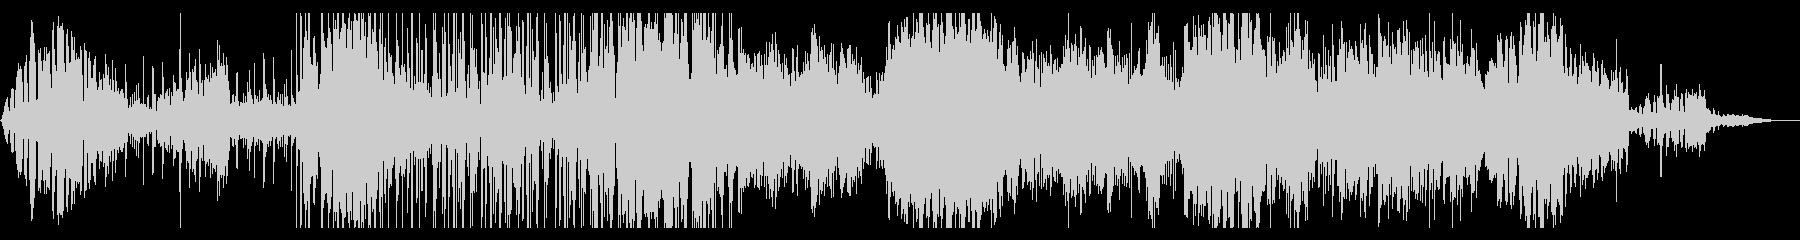 とらえどころのないディープなIDMの未再生の波形